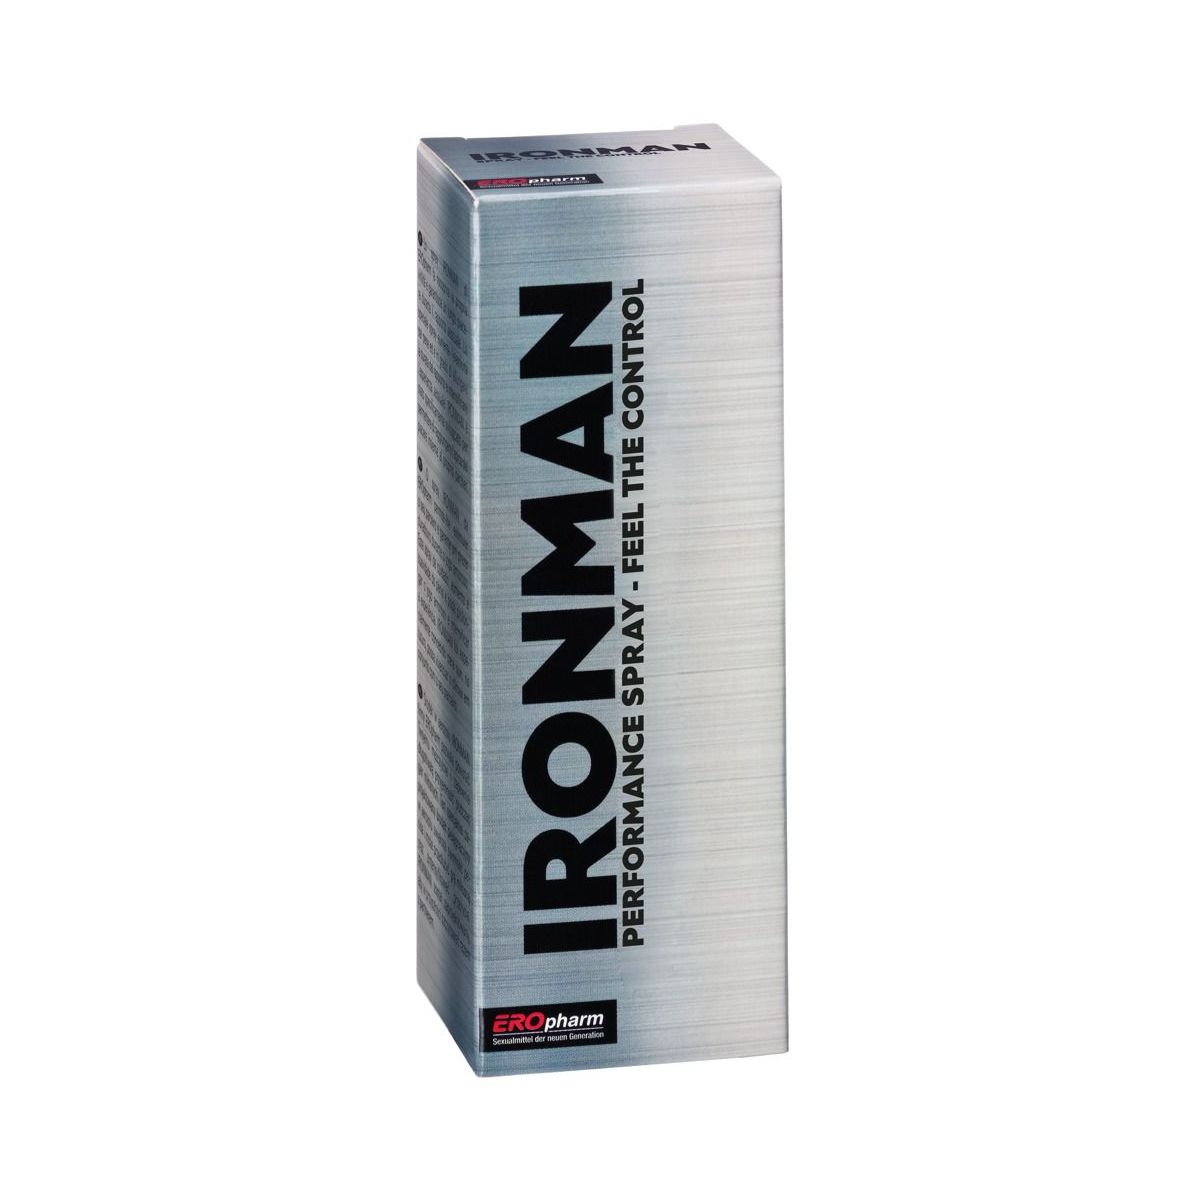 Ironman spray masculino para prologar e intensificar el sexo 30ml